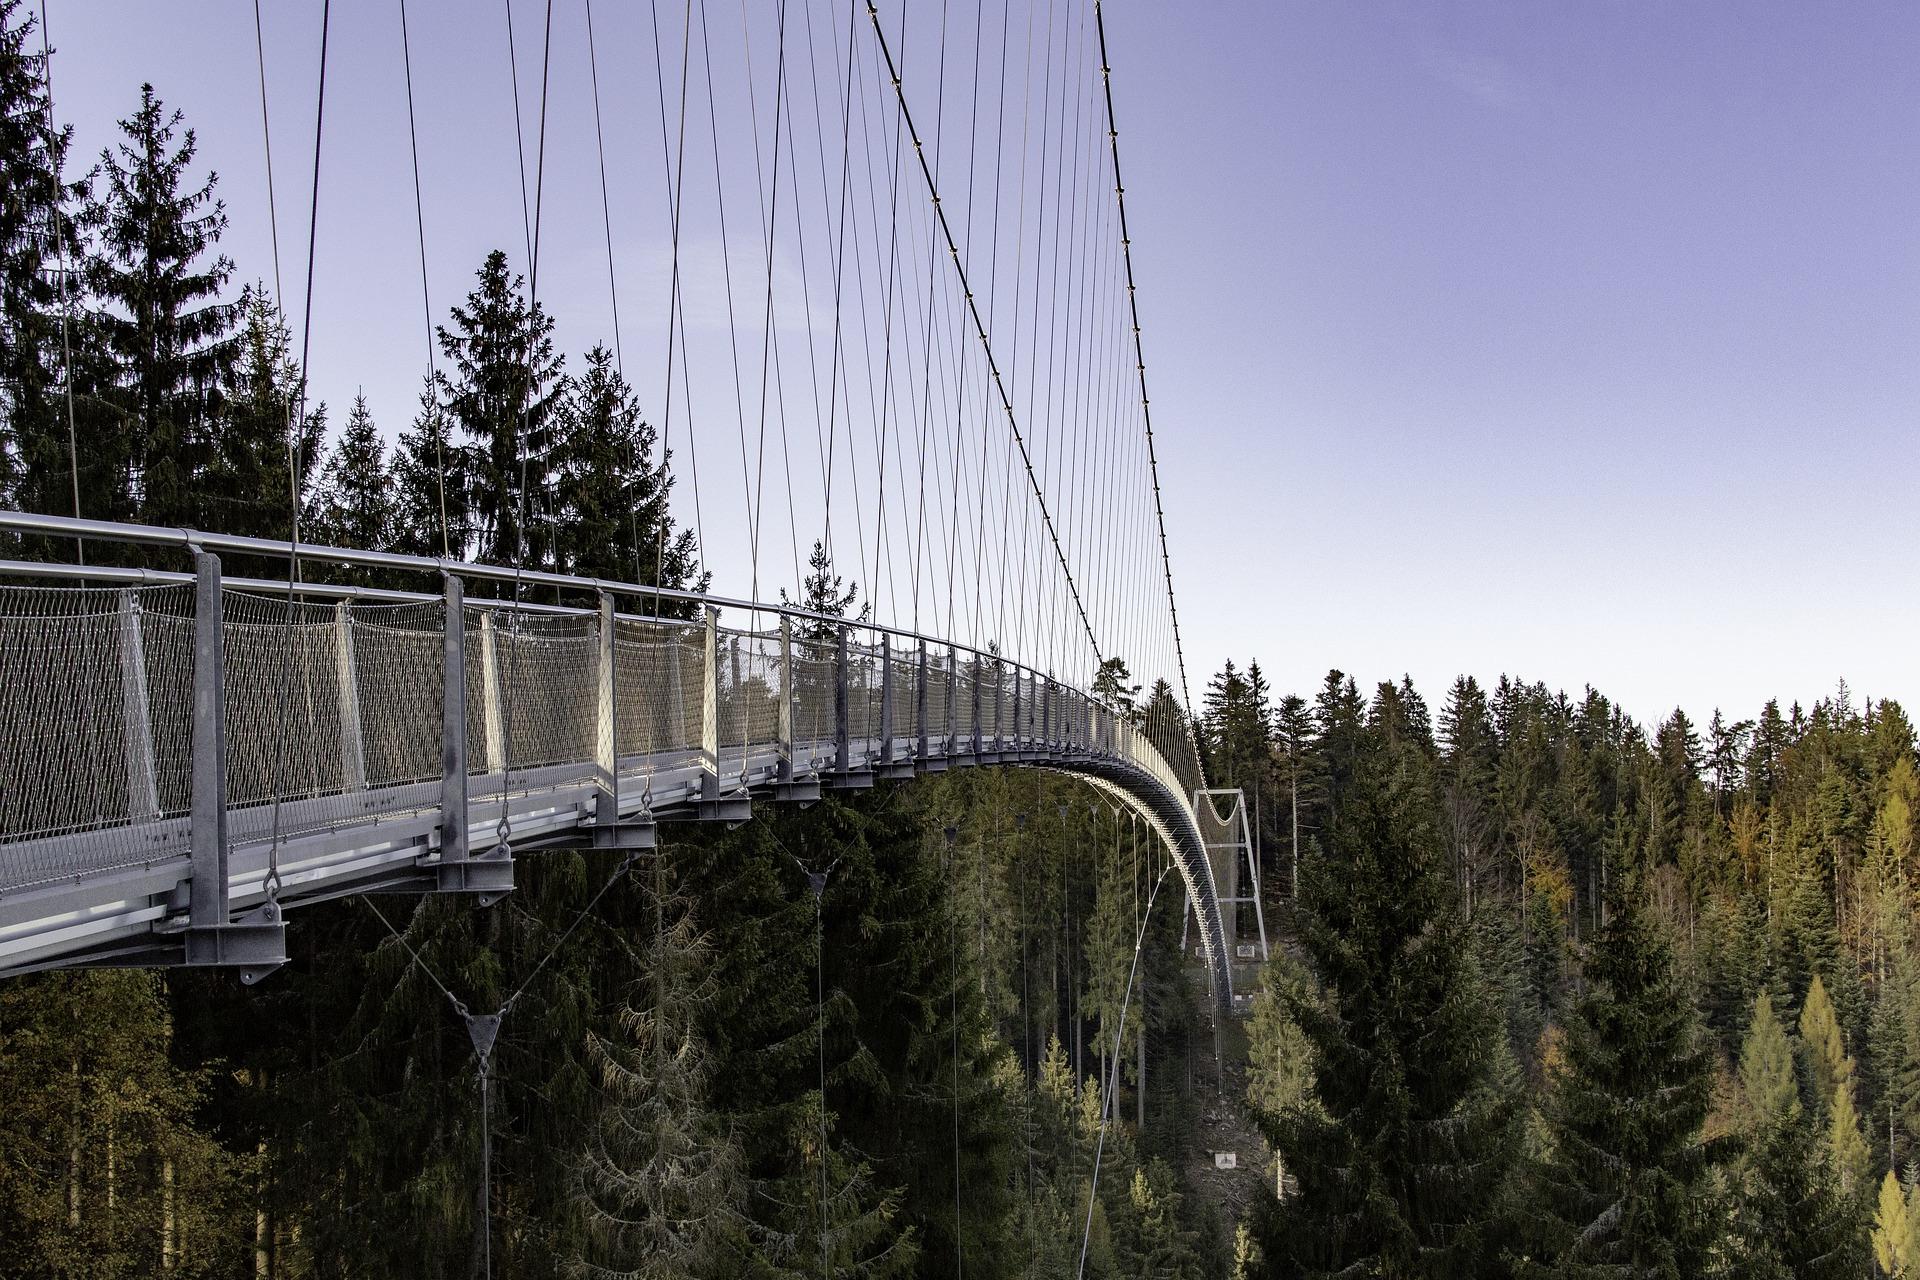 Eine Hängebrücke im Schwarzwald, einem beliebten Ausflugsziel in Baden-Württemberg